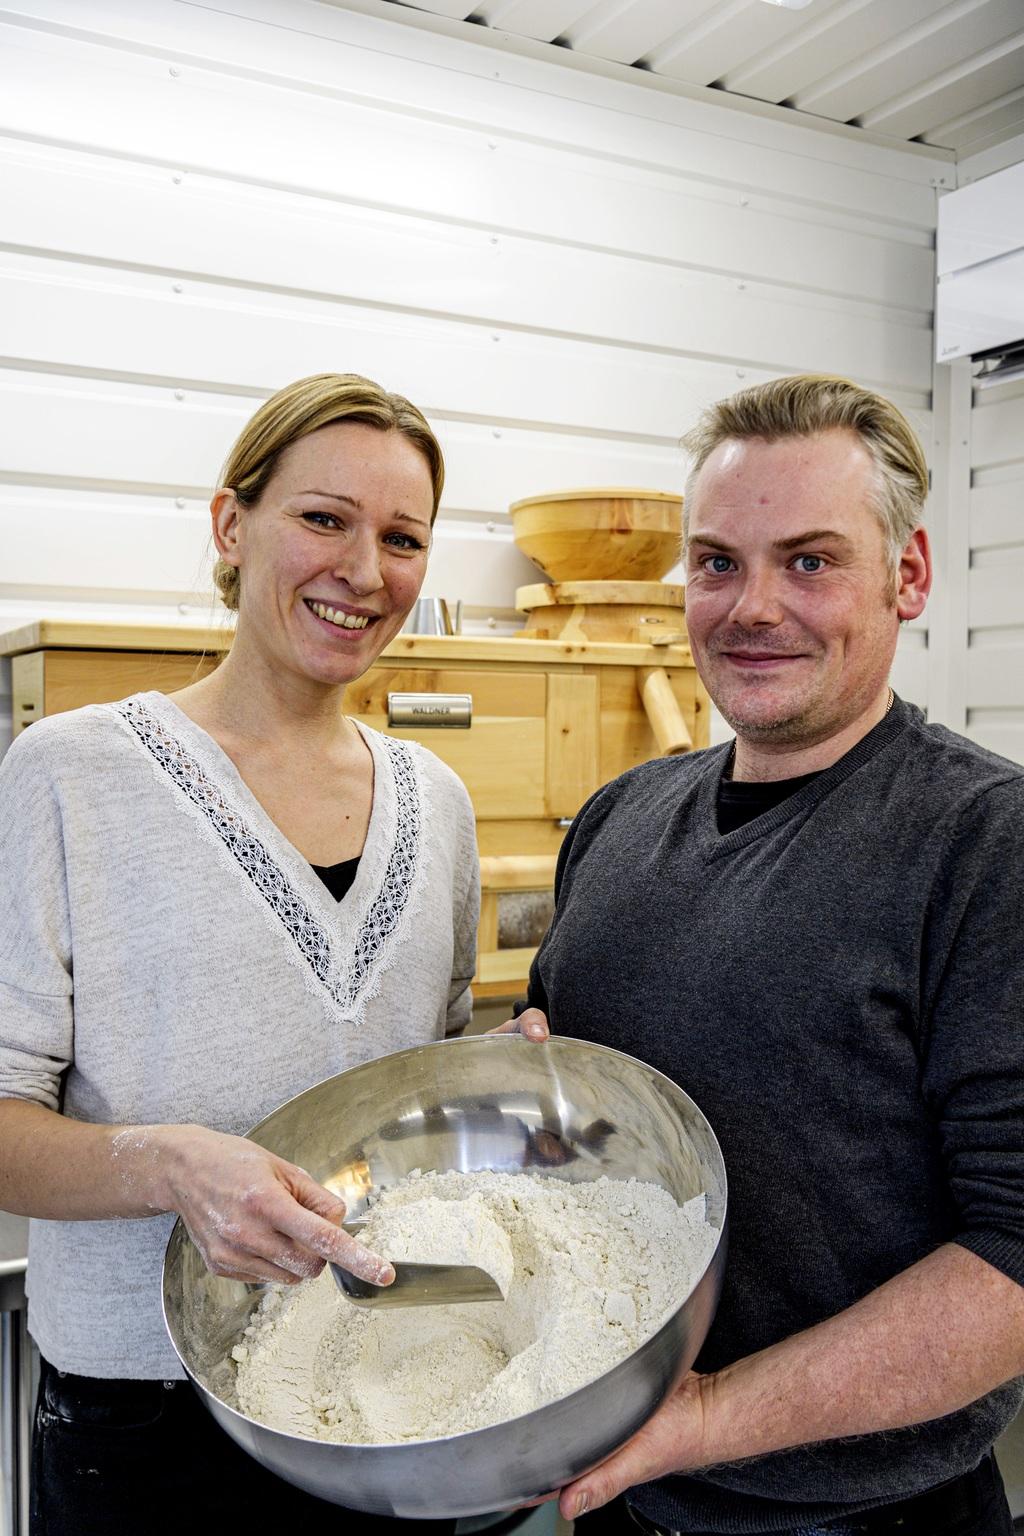 L Joeli ja Elina Lintulan myllytoiminta on pyörinyt reilun kuukauden verran.  – Nyt saa tehdä itse valmiiksi asti, kun sato on itse kasvatettu ja jauhettu jauhoiksi, Joeli Lintula kertoo.